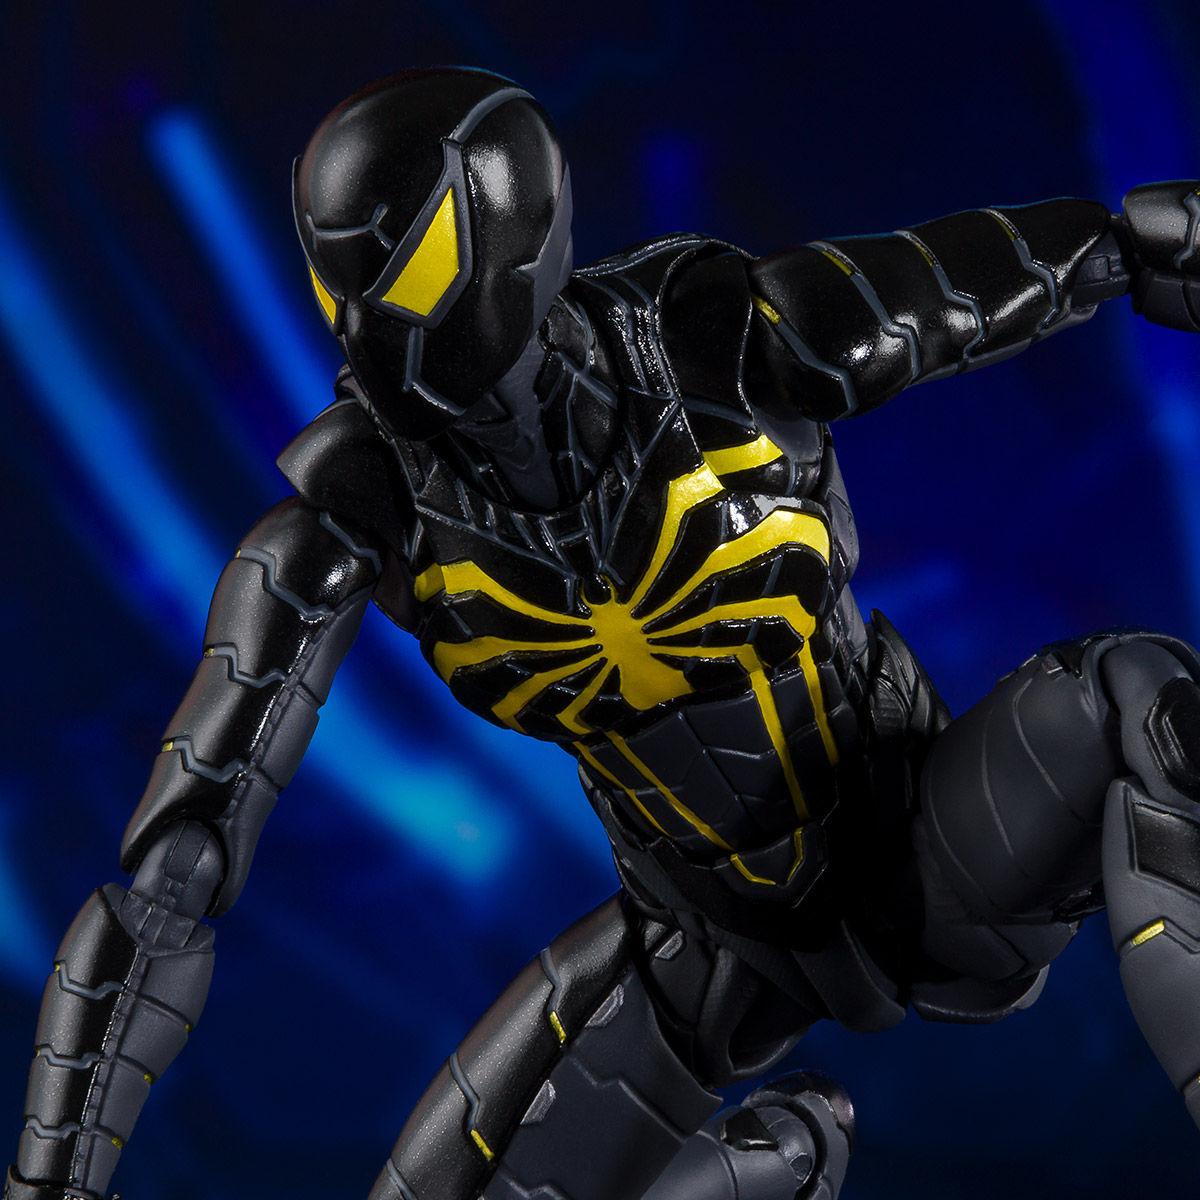 【限定販売】S.H.Figuarts『スパイダーマン アンチオック・スーツ(Marvel's Spider-Man)』アクションフィギュア-001